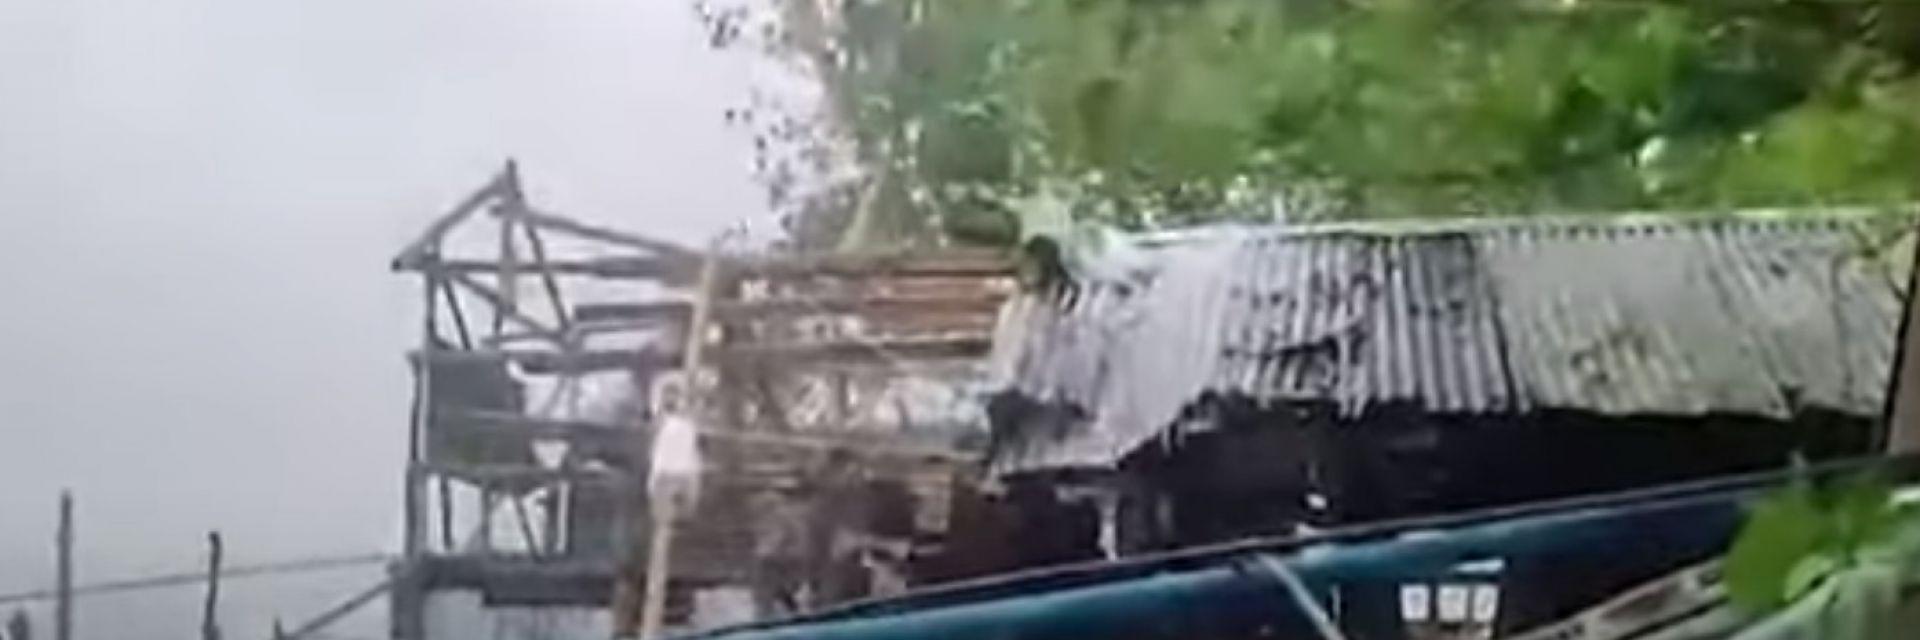 Силен тайфун причини спиране на електроподаването на много места  във Филипините